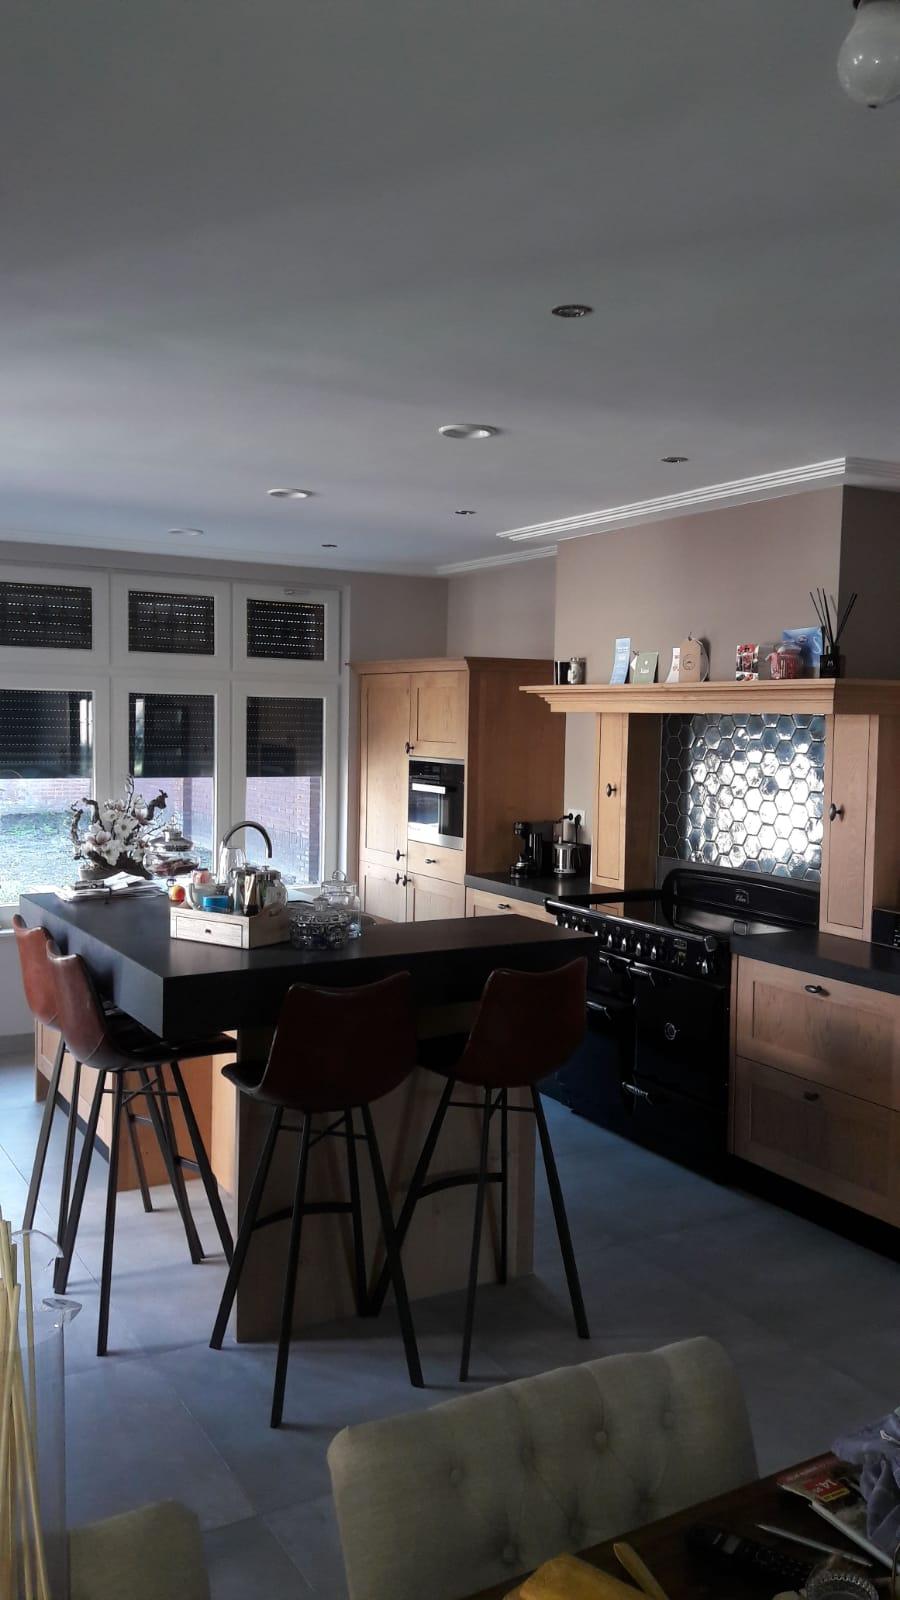 Landelijke keuken massief eiken met een eiland bar zitgedeelte Falcon inductie fornuis handgemaakt keuken Maatwerk op maat hout K2 Keukens en Meubels vakmanschap2